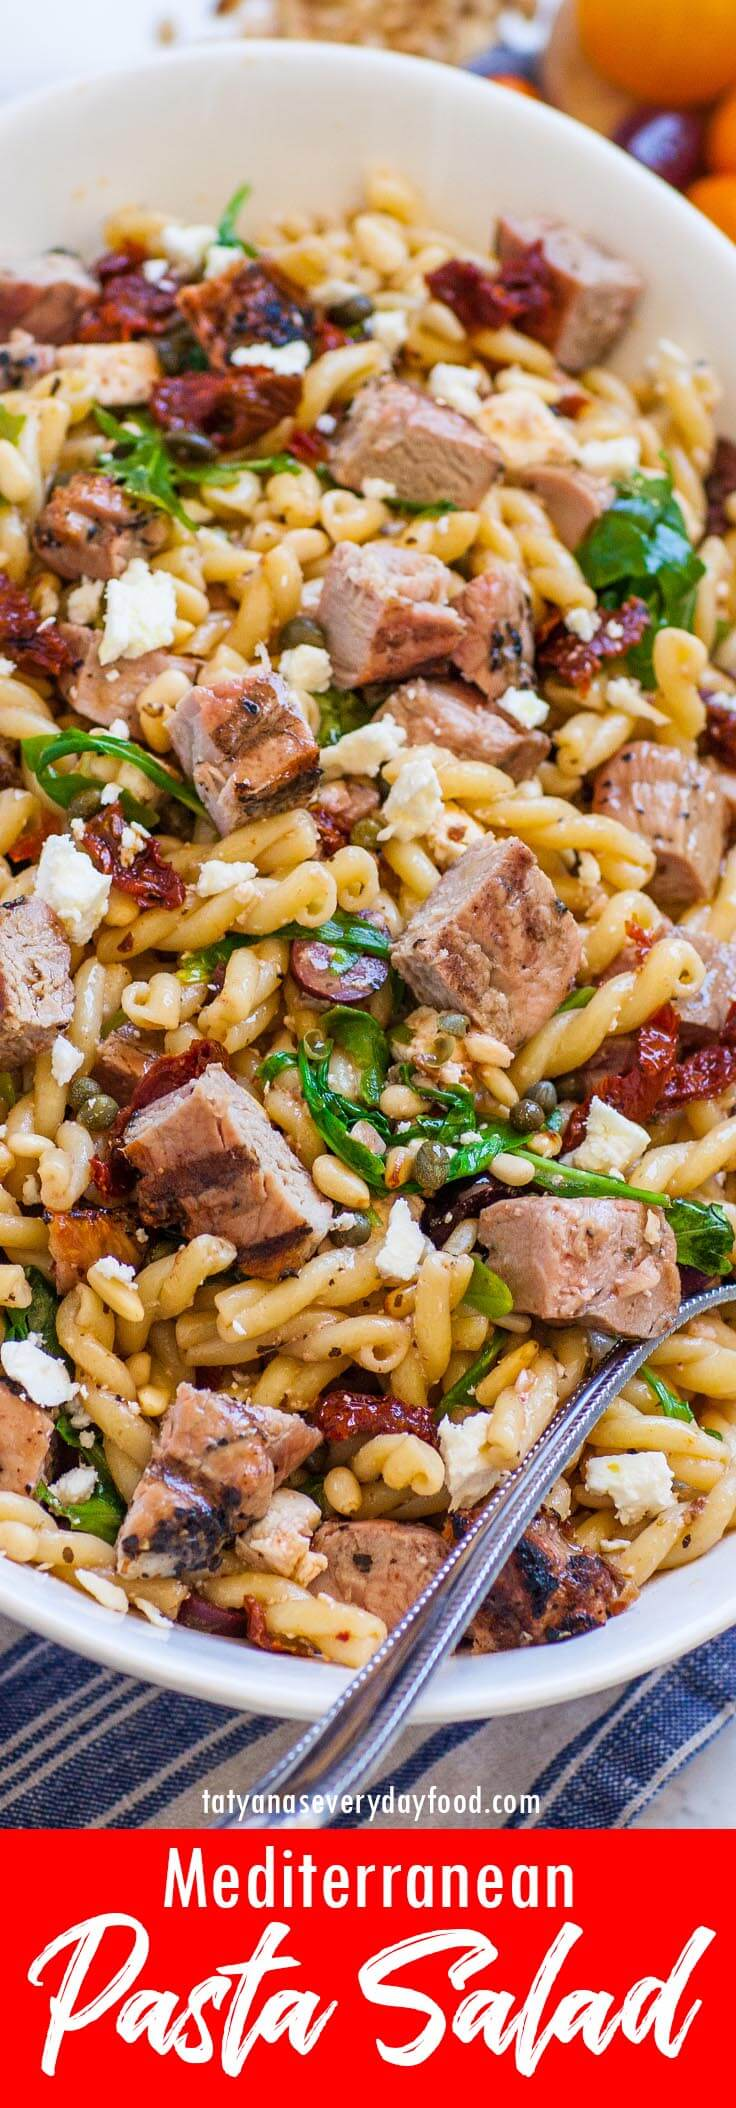 Mediterranean Pasta Salad video recipe